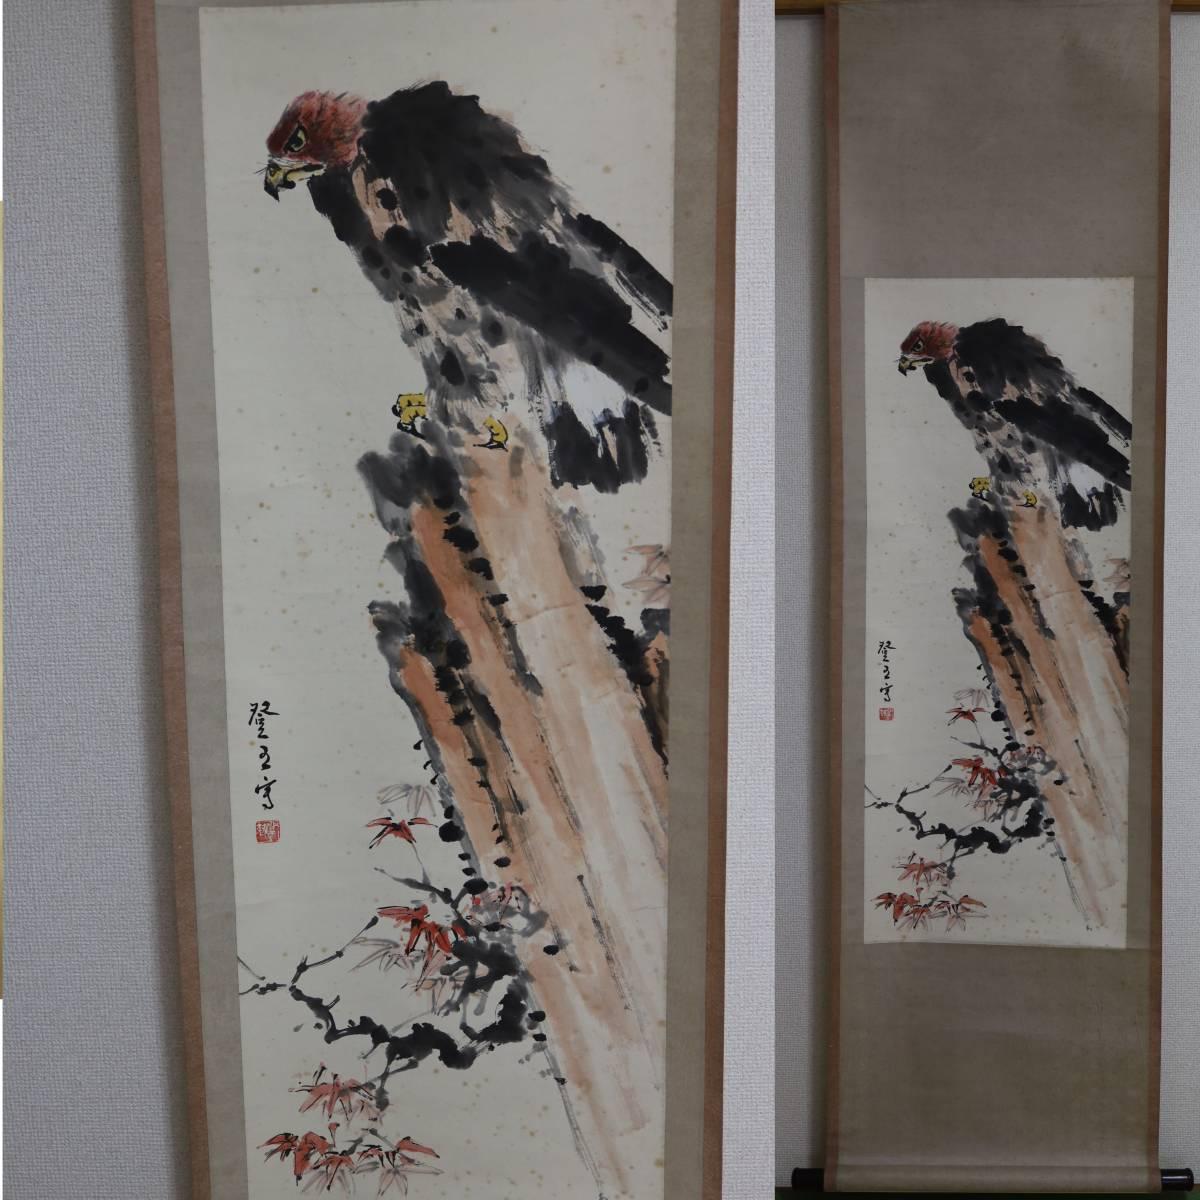 田登五 字画 書画 掛軸 肉筆 紙本 唐物 水墨画 書法 中国画 中国書 中国書画 風俗画 唐画 書画 蔵出し